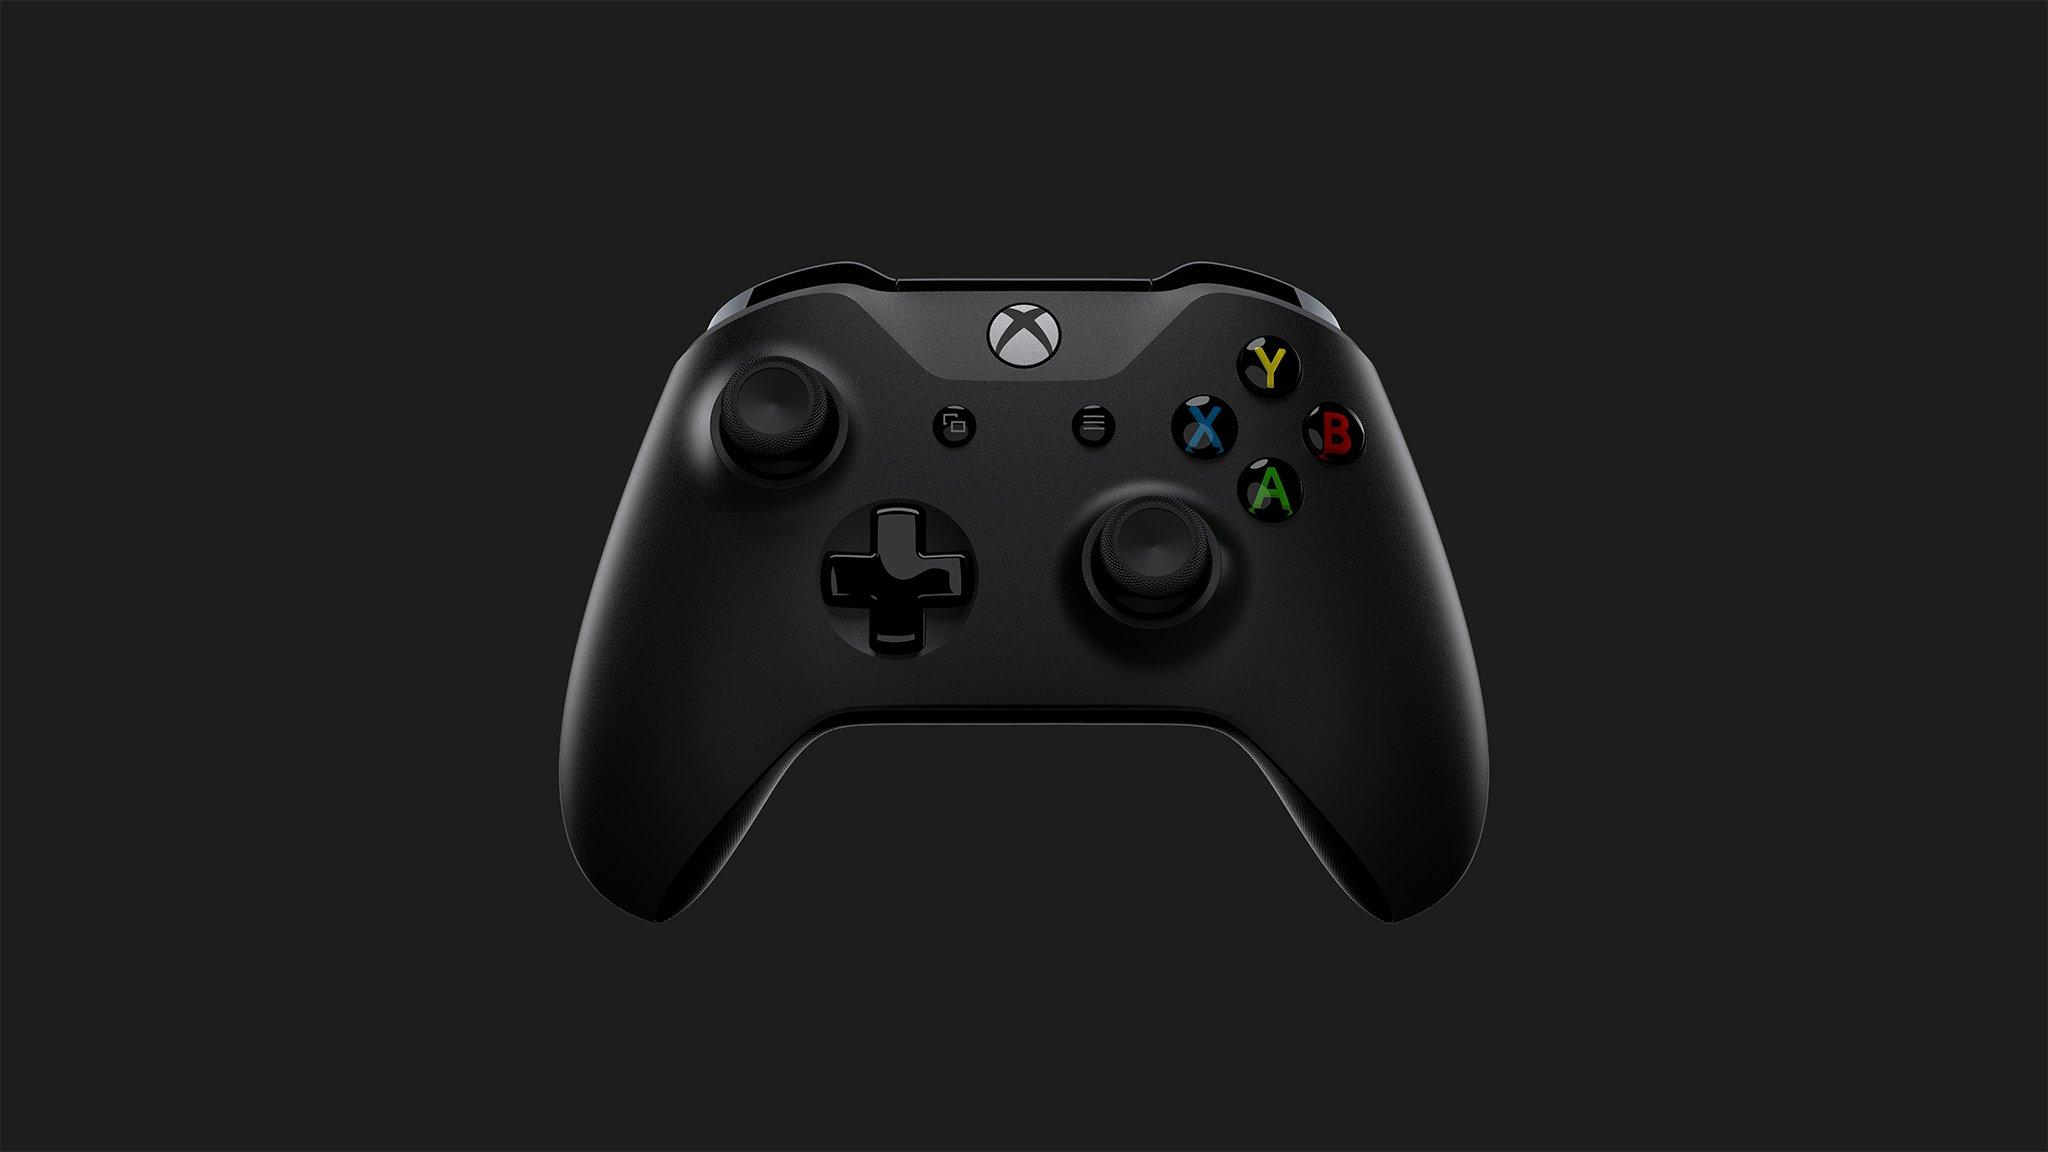 Microsoft pour présenter le nouveau matériel Xbox One et ses accessoires à Gamescom